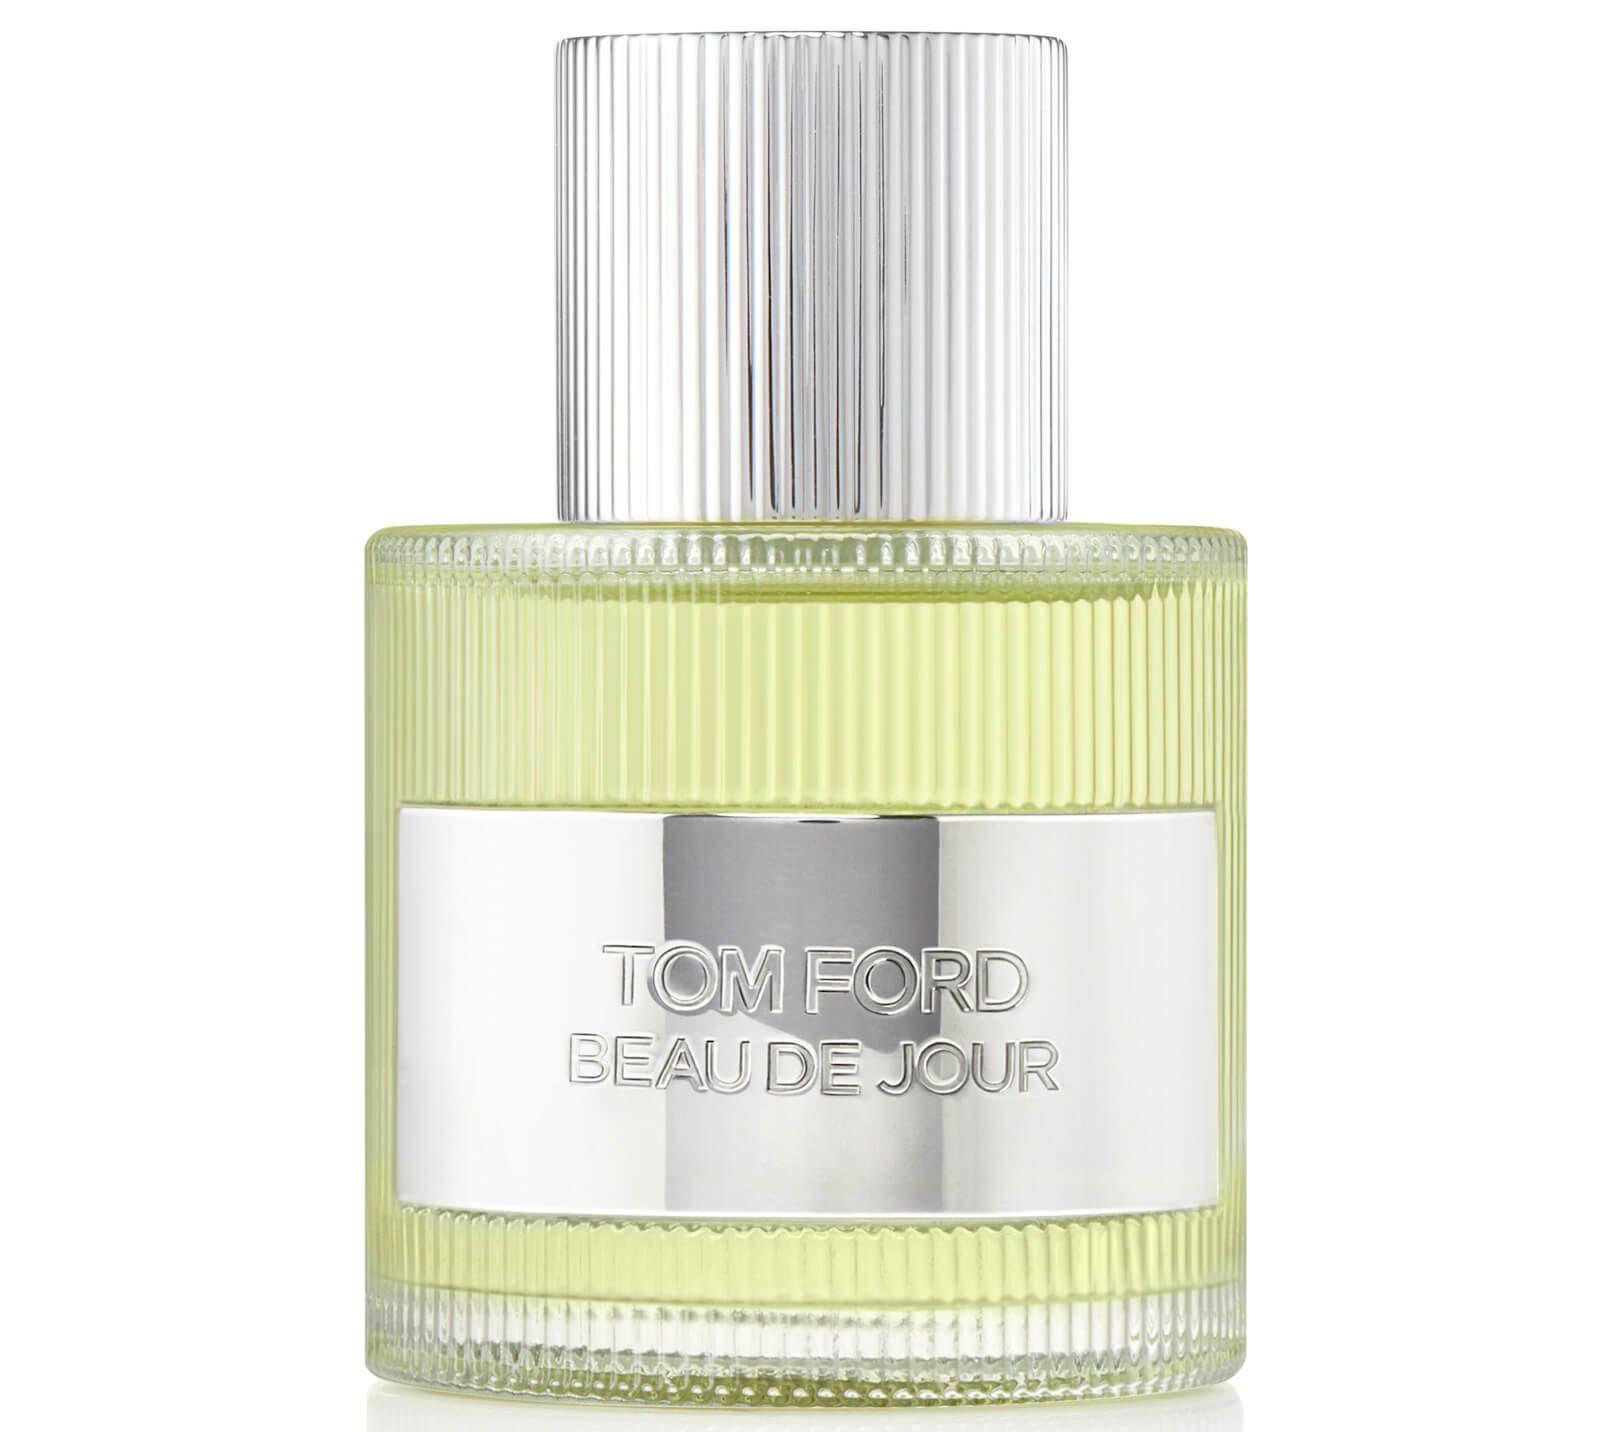 TOM-FORD_BEAU_DE_JOUR